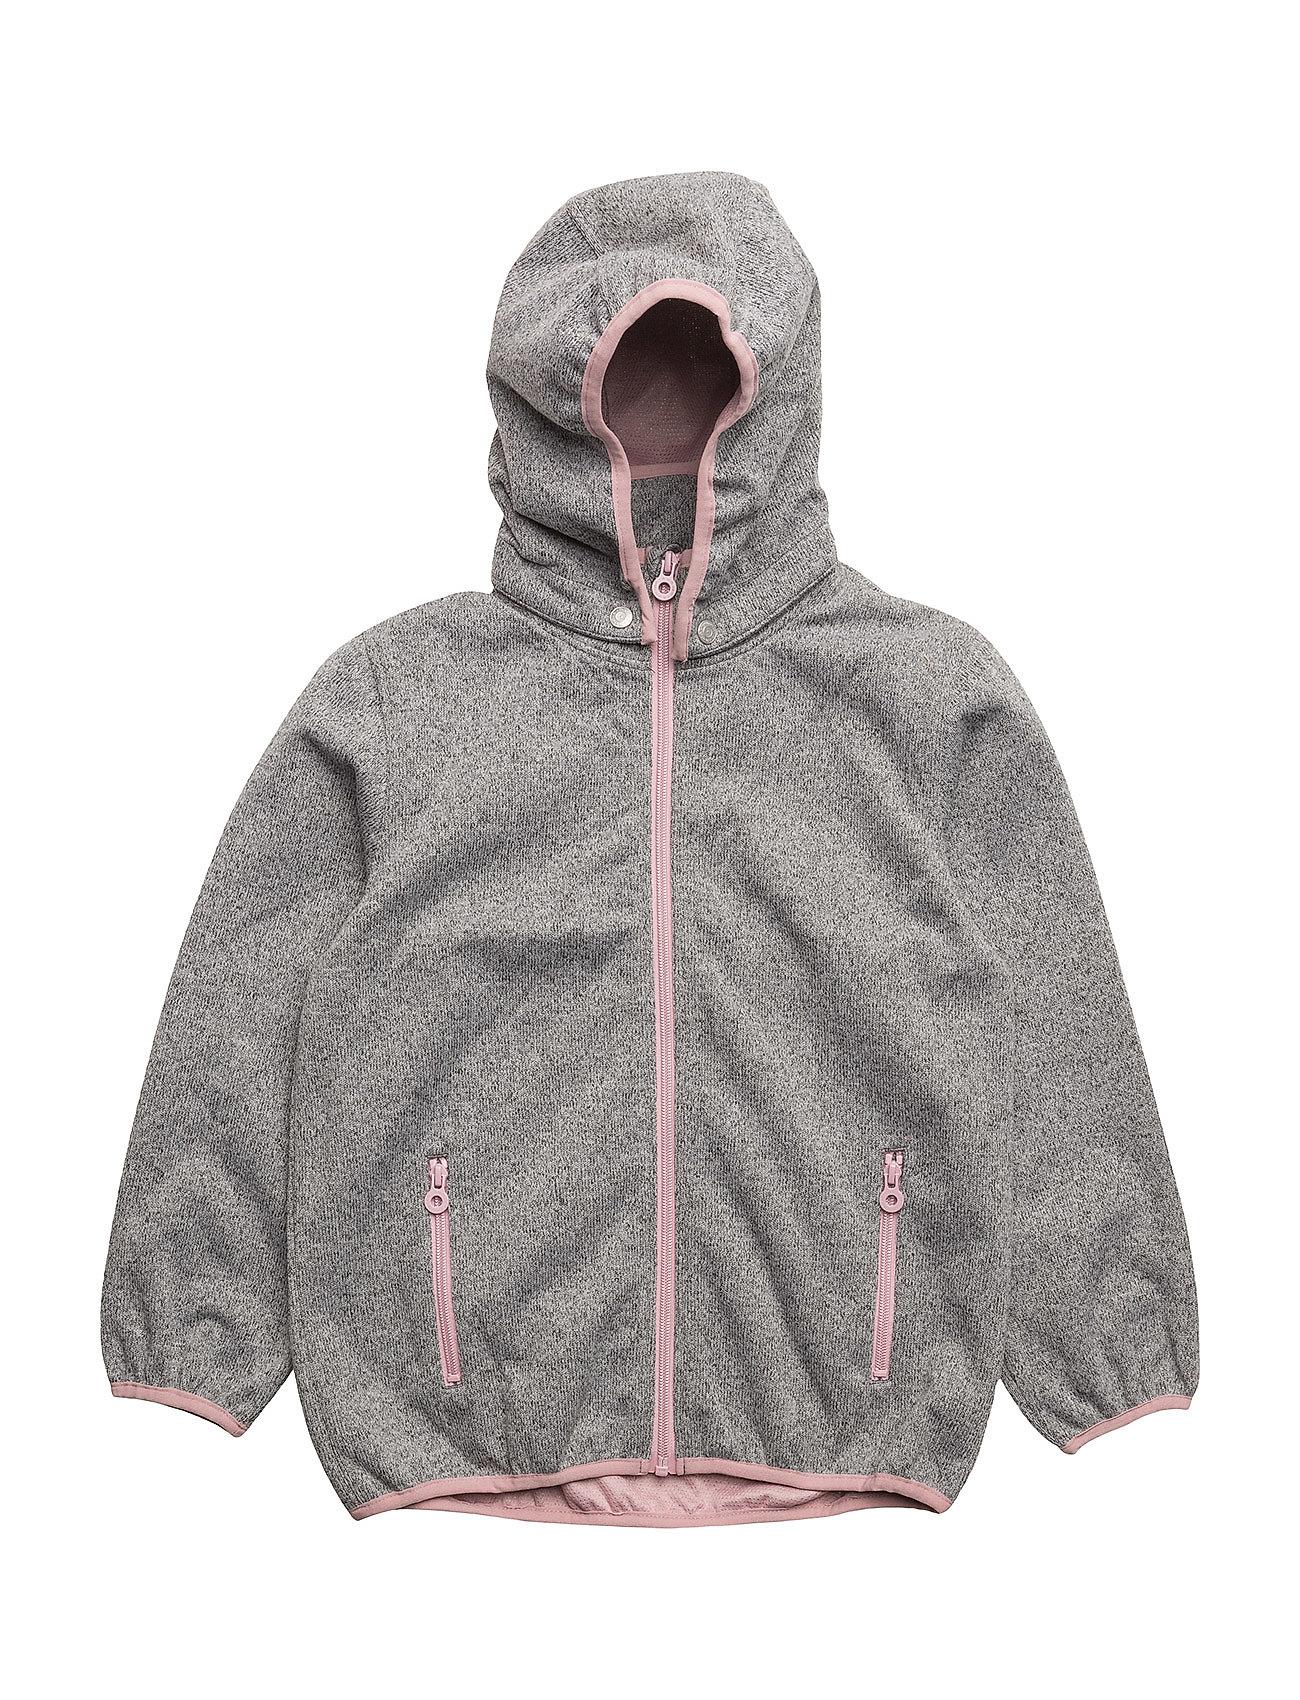 Minymo Pil 21 - Knit jacket - ZEPHYR